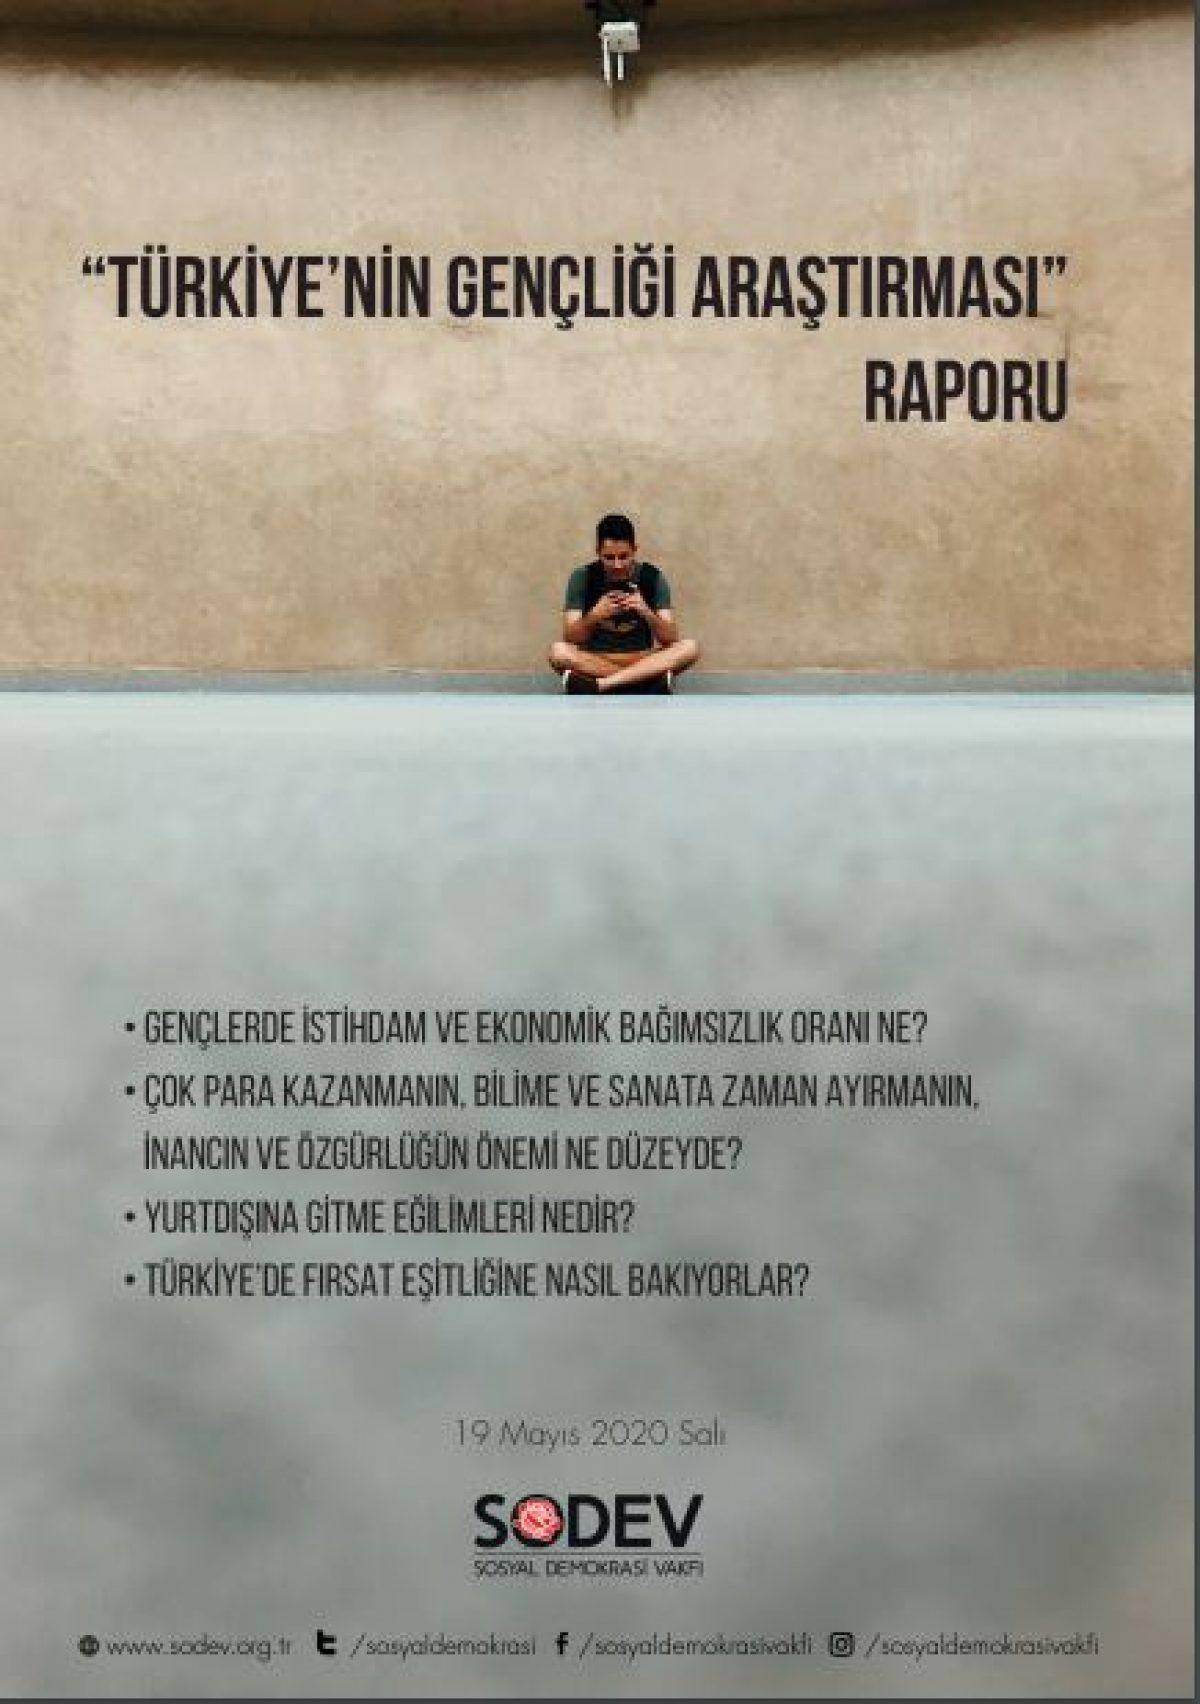 Sodev Turkiye Nin Gencligi Arastirmasi Raporu Sivil Sayfalar